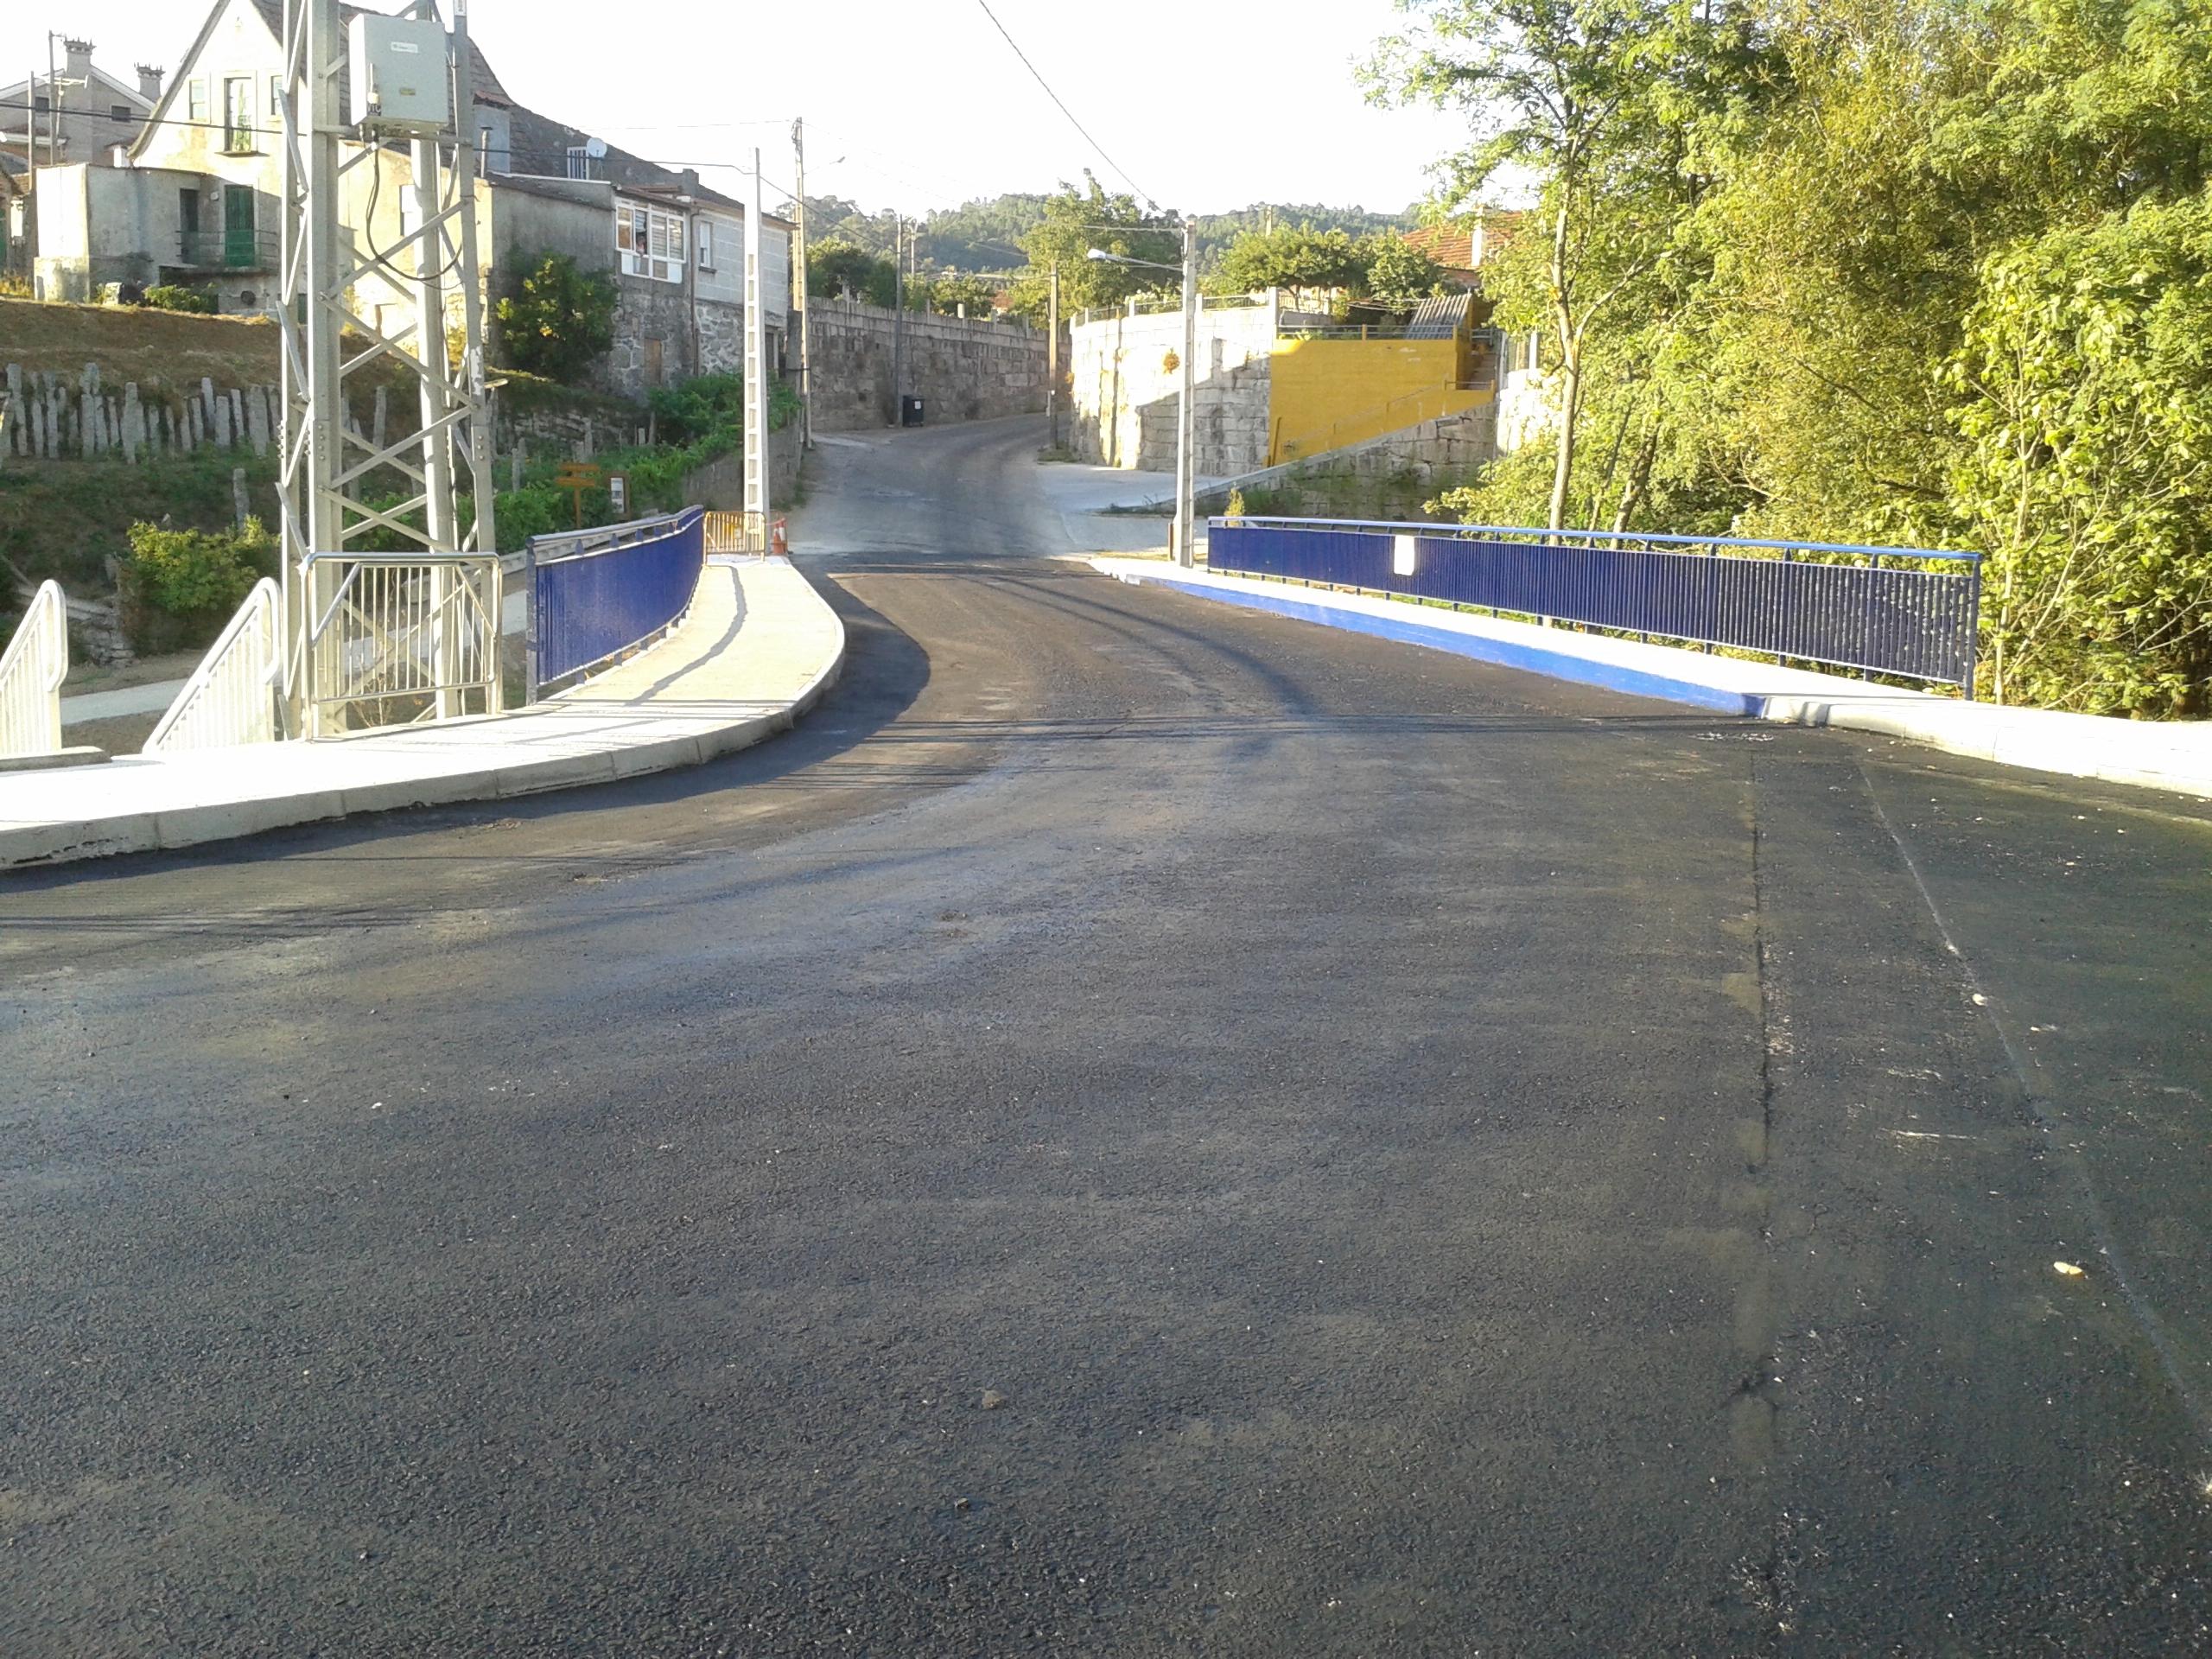 Rematan As Obras Da Pasarela Metálica De Acceso Ao Barrio De Canedo E San Vicente